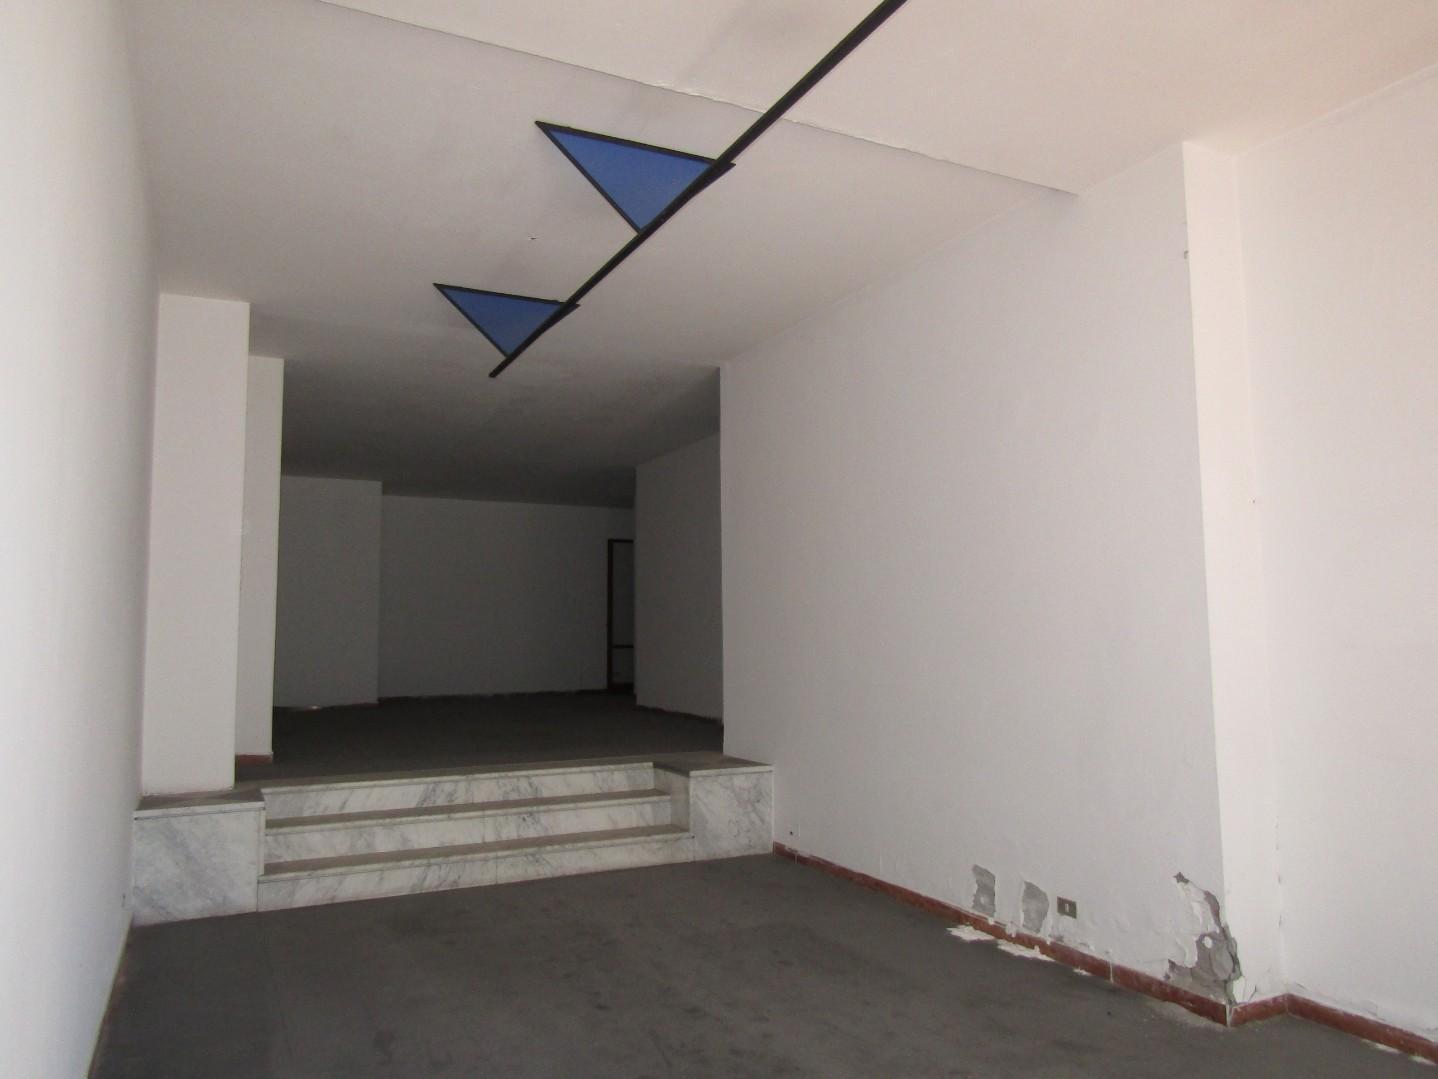 Negozio da ristrutturare a Carrara - avenza - 01